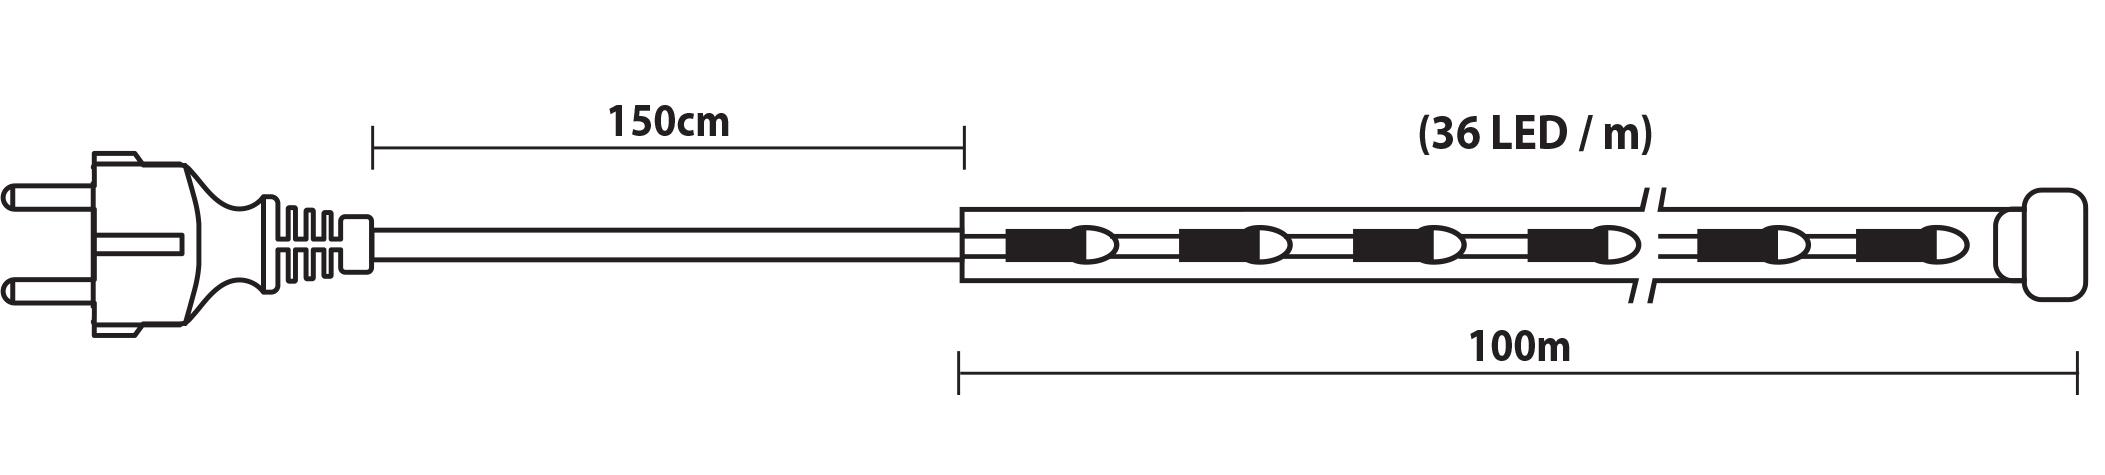 100 Μέτρα Led Φωτοσωλήνας Με Μπλέ Φωτισμό ,Ø12mm-2w,IP44